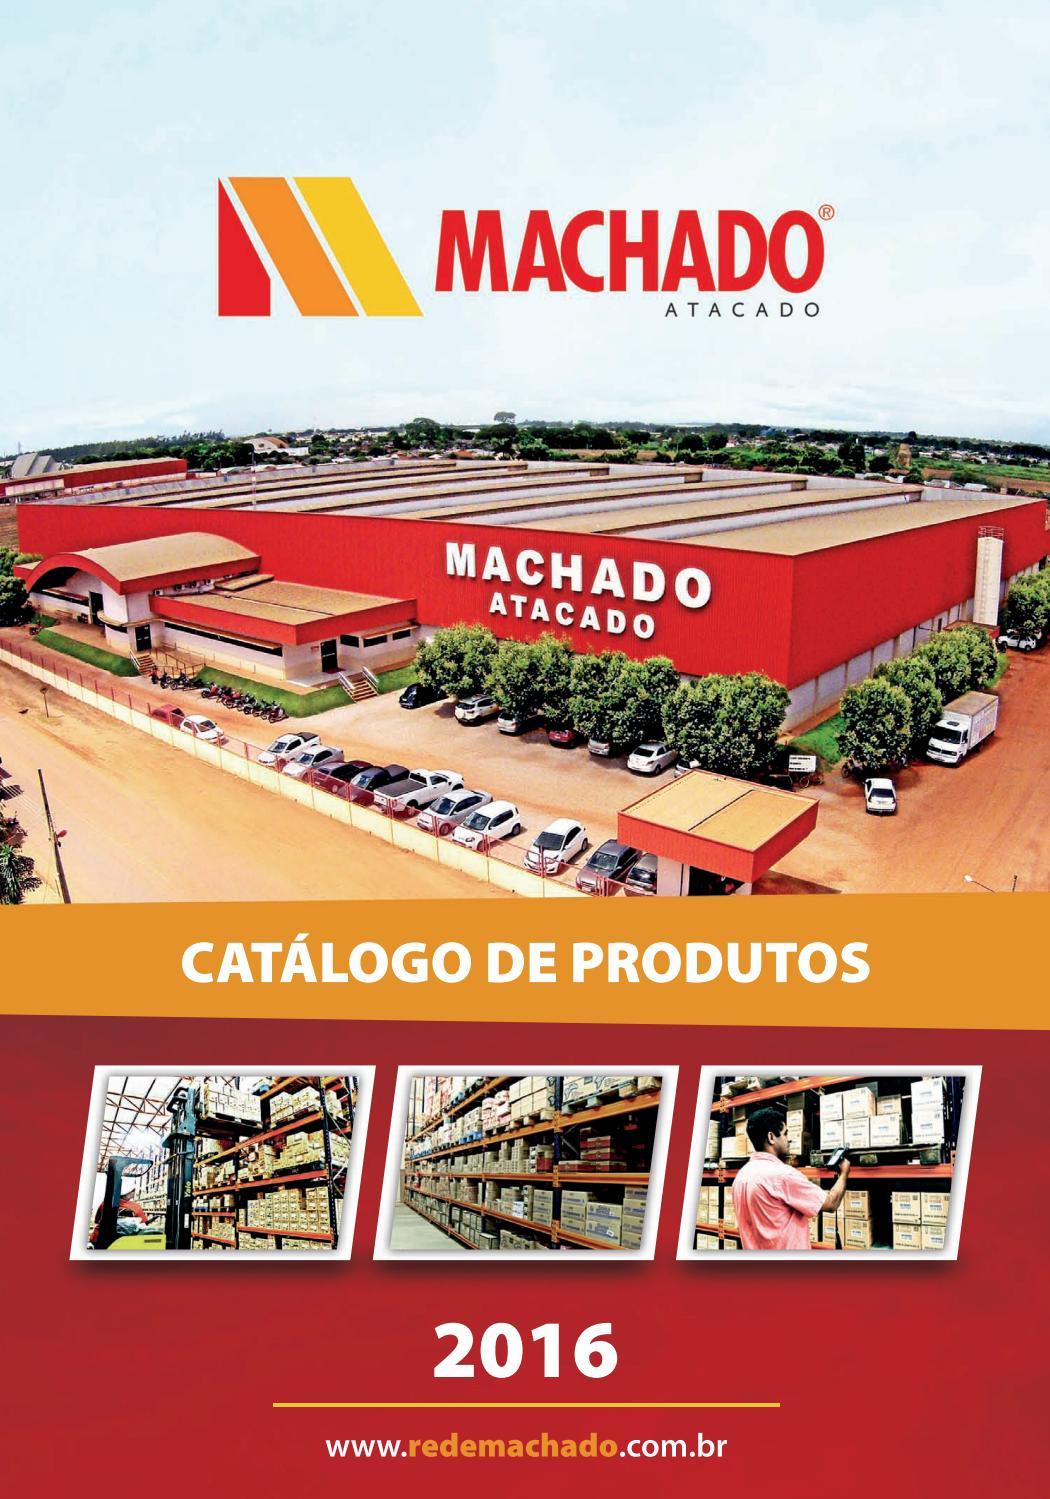 ea27c6d3c Catálogo de Produtos Machado Atacado by Newbasca - issuu